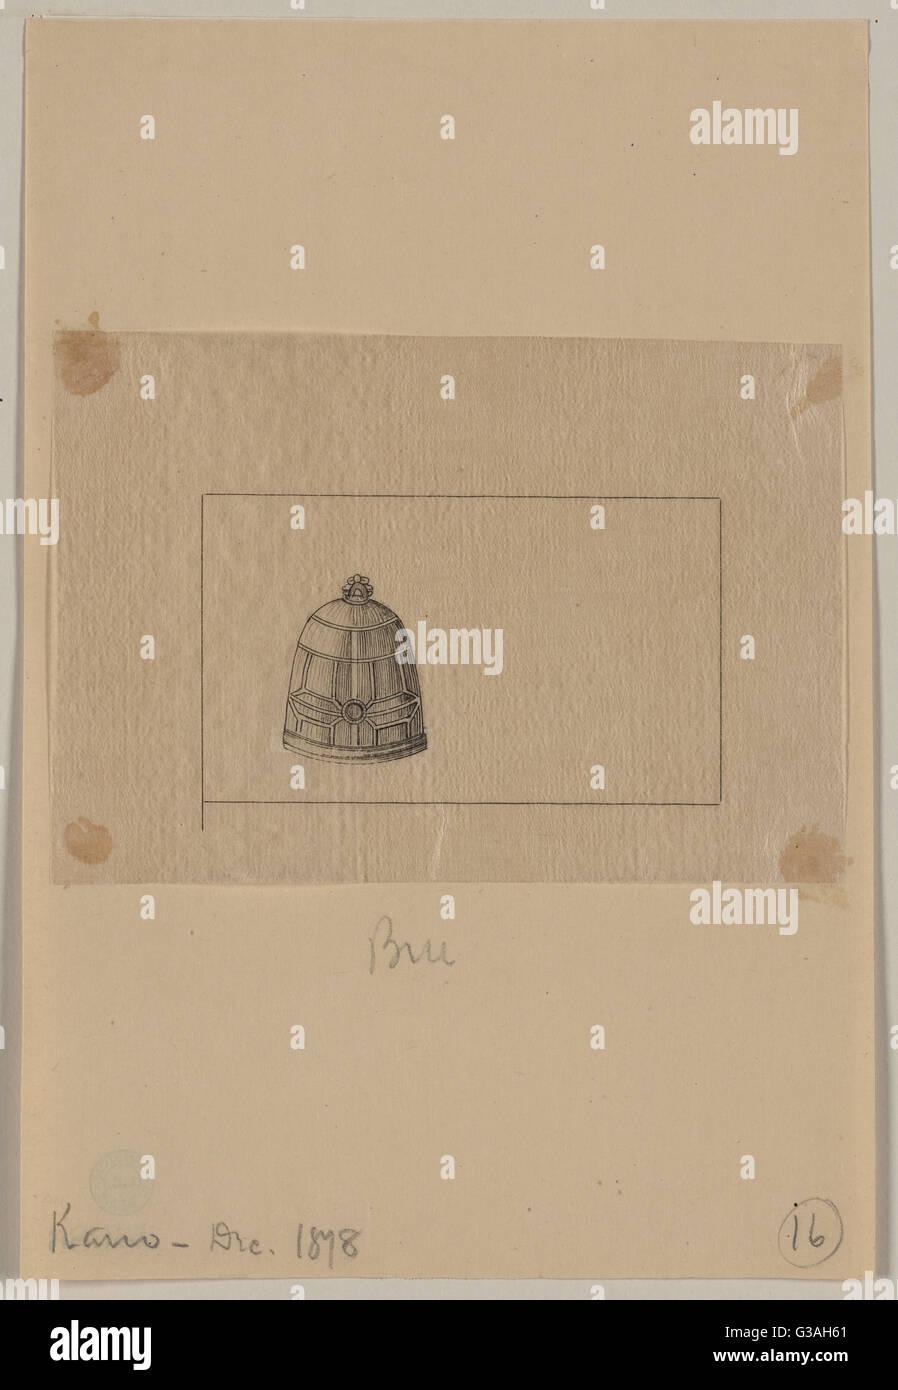 Objet en métal en forme de ruche. 31/12/1878 Date Banque D'Images